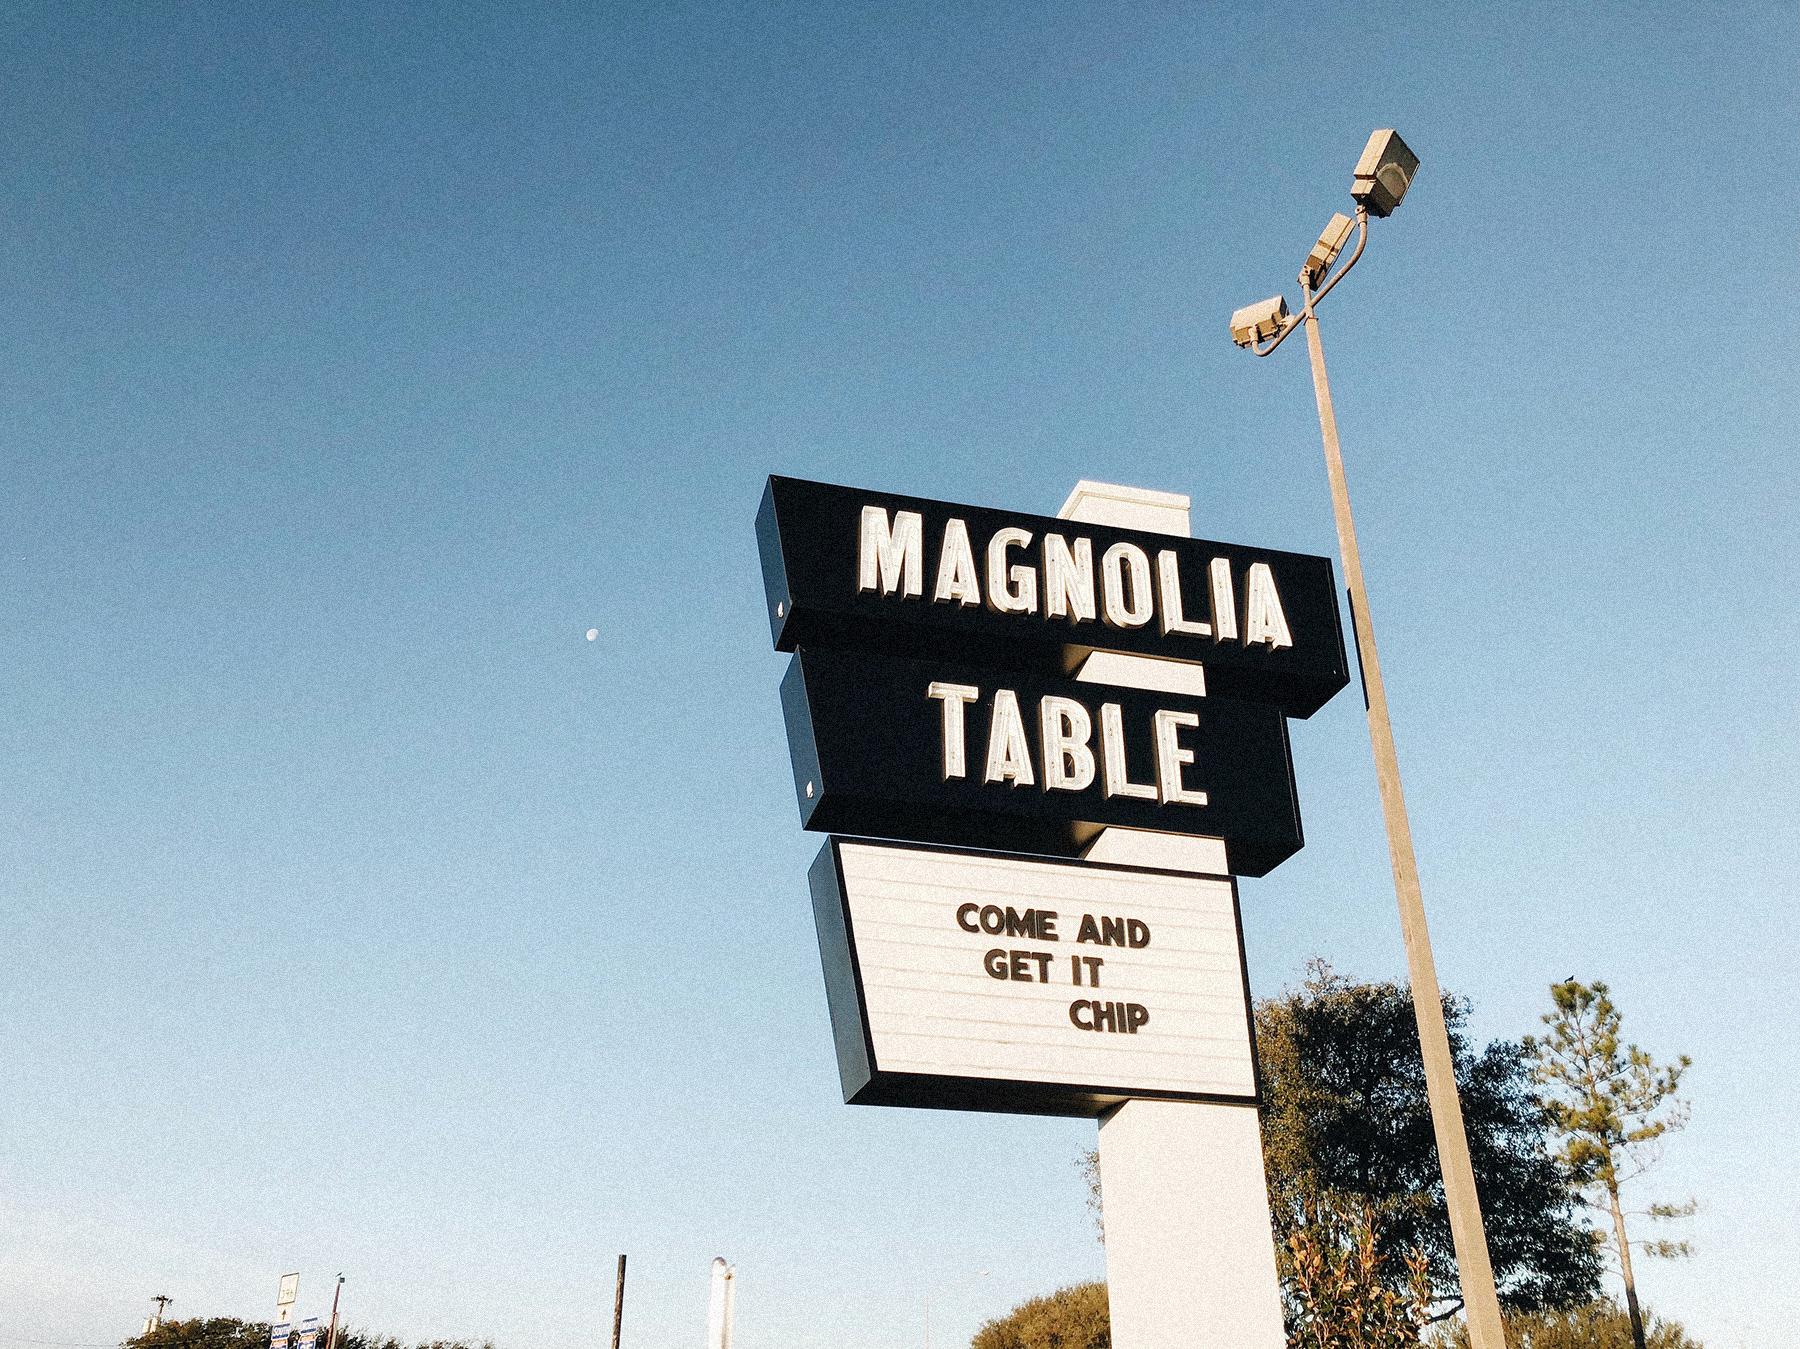 magnolia-table_signage.jpg